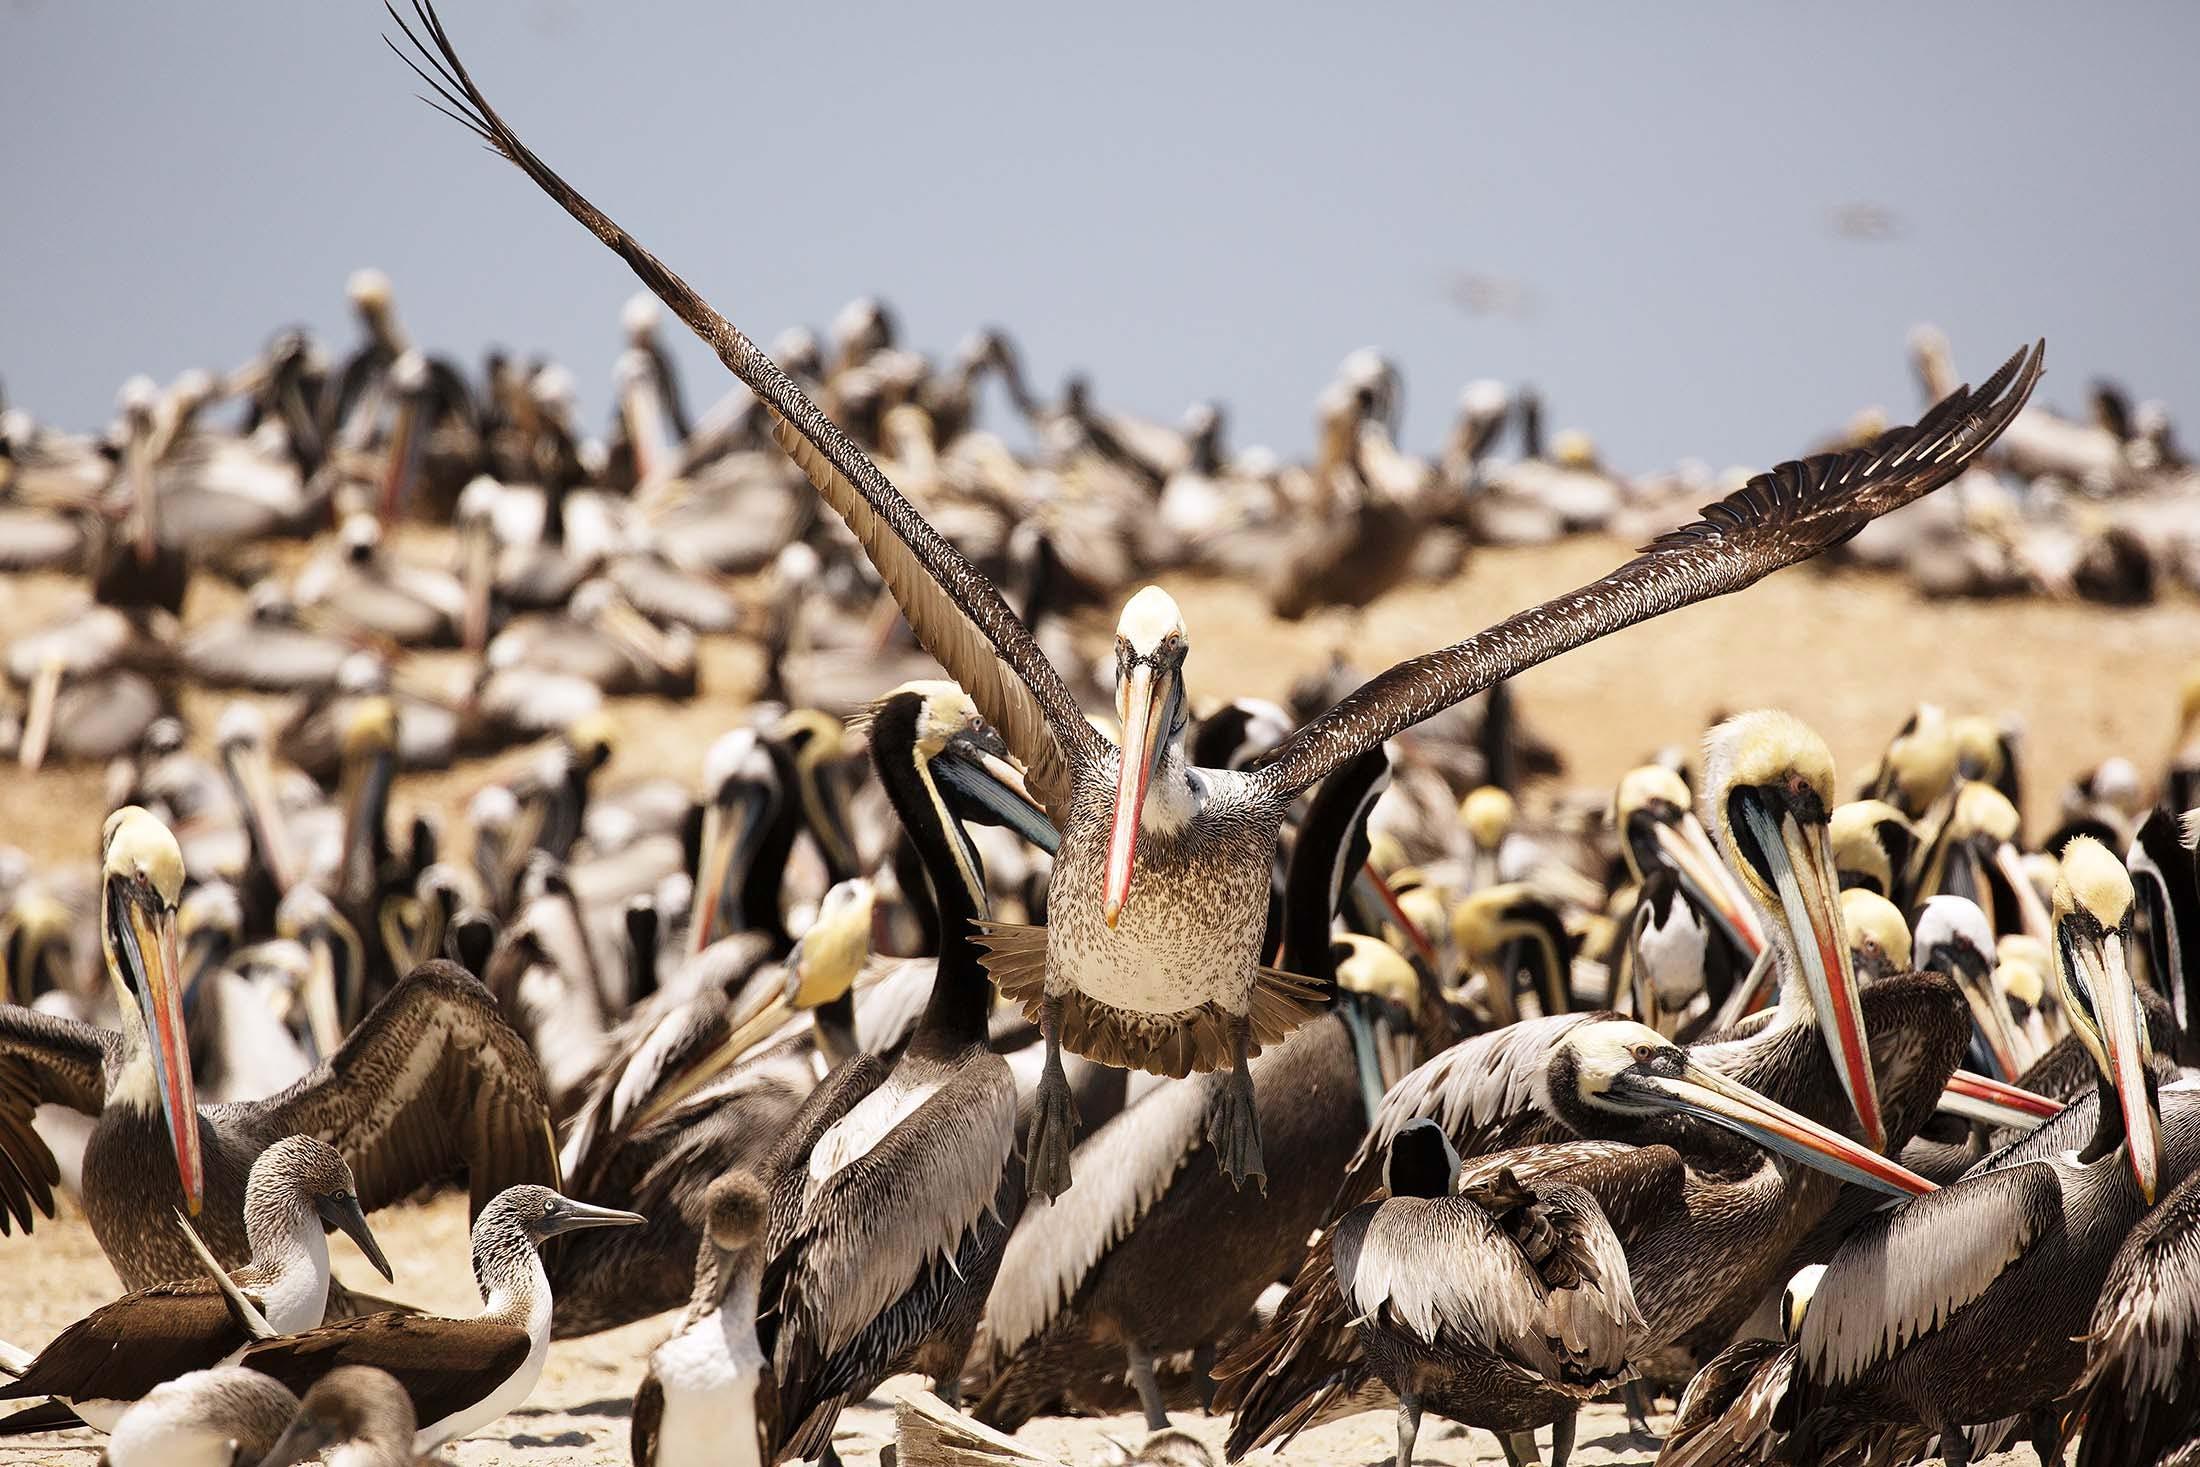 Peruvian pelicans on Isla Lobos de Tierra, Peru